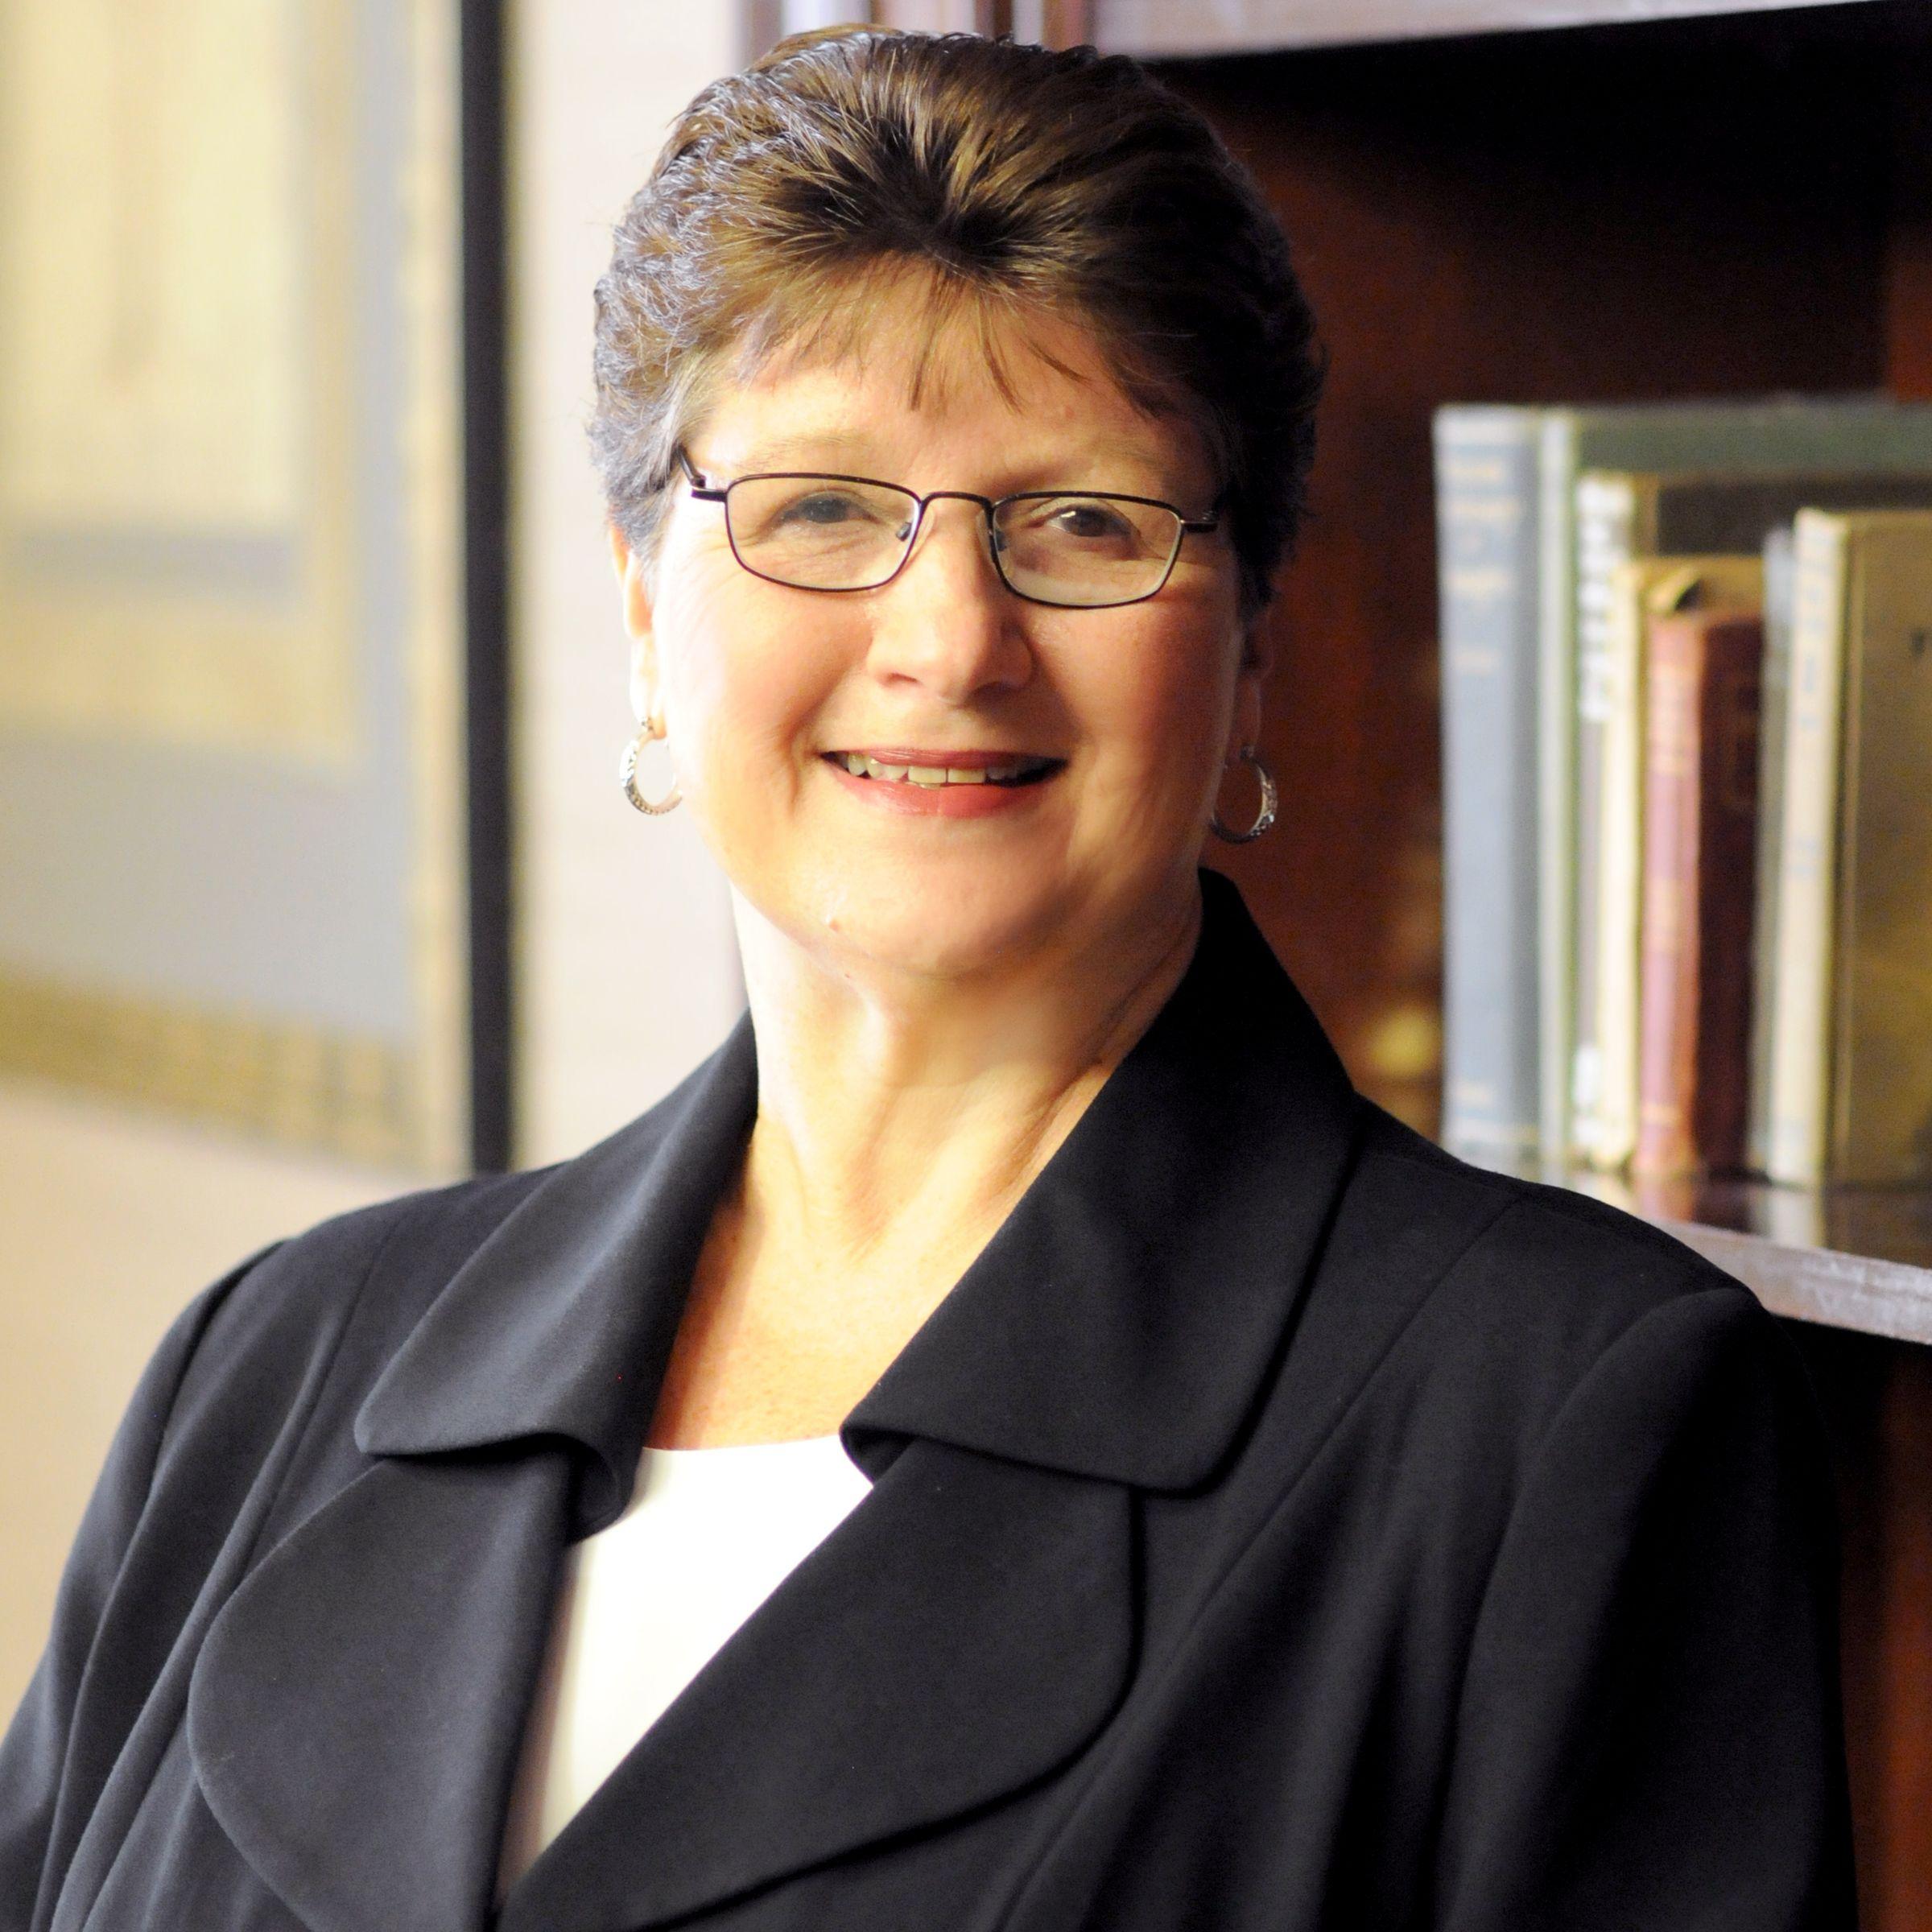 Cynthia J. Cannon